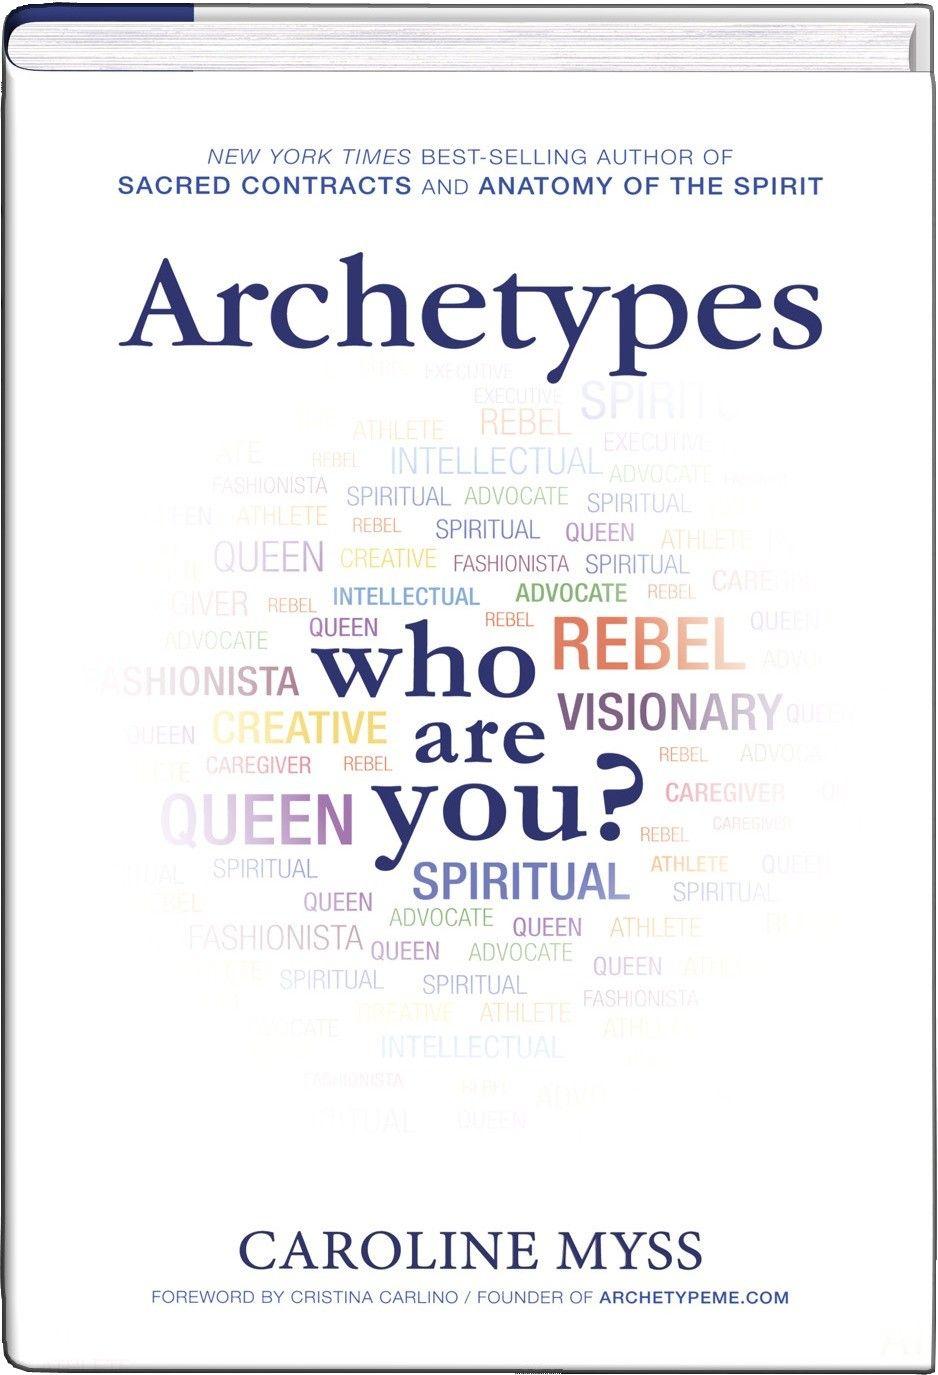 Archetypes One Spirit Favorite Caroline Myss New York Times